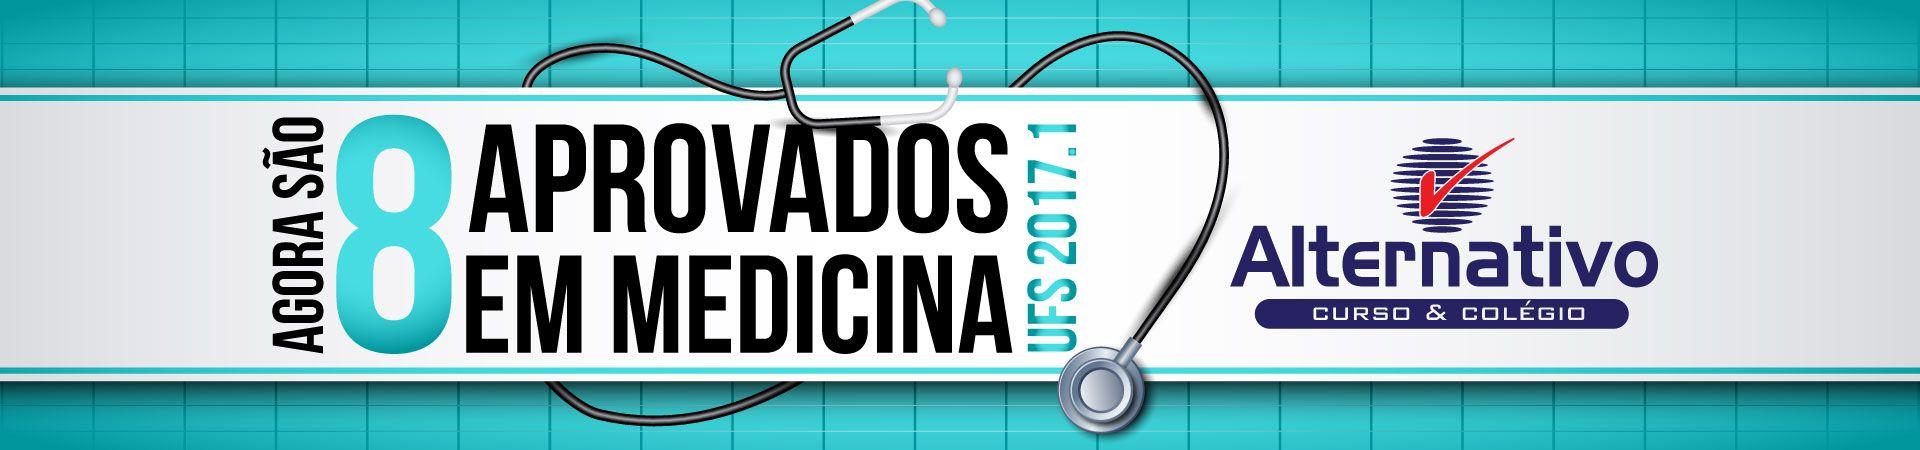 8 Aprovados Medicina